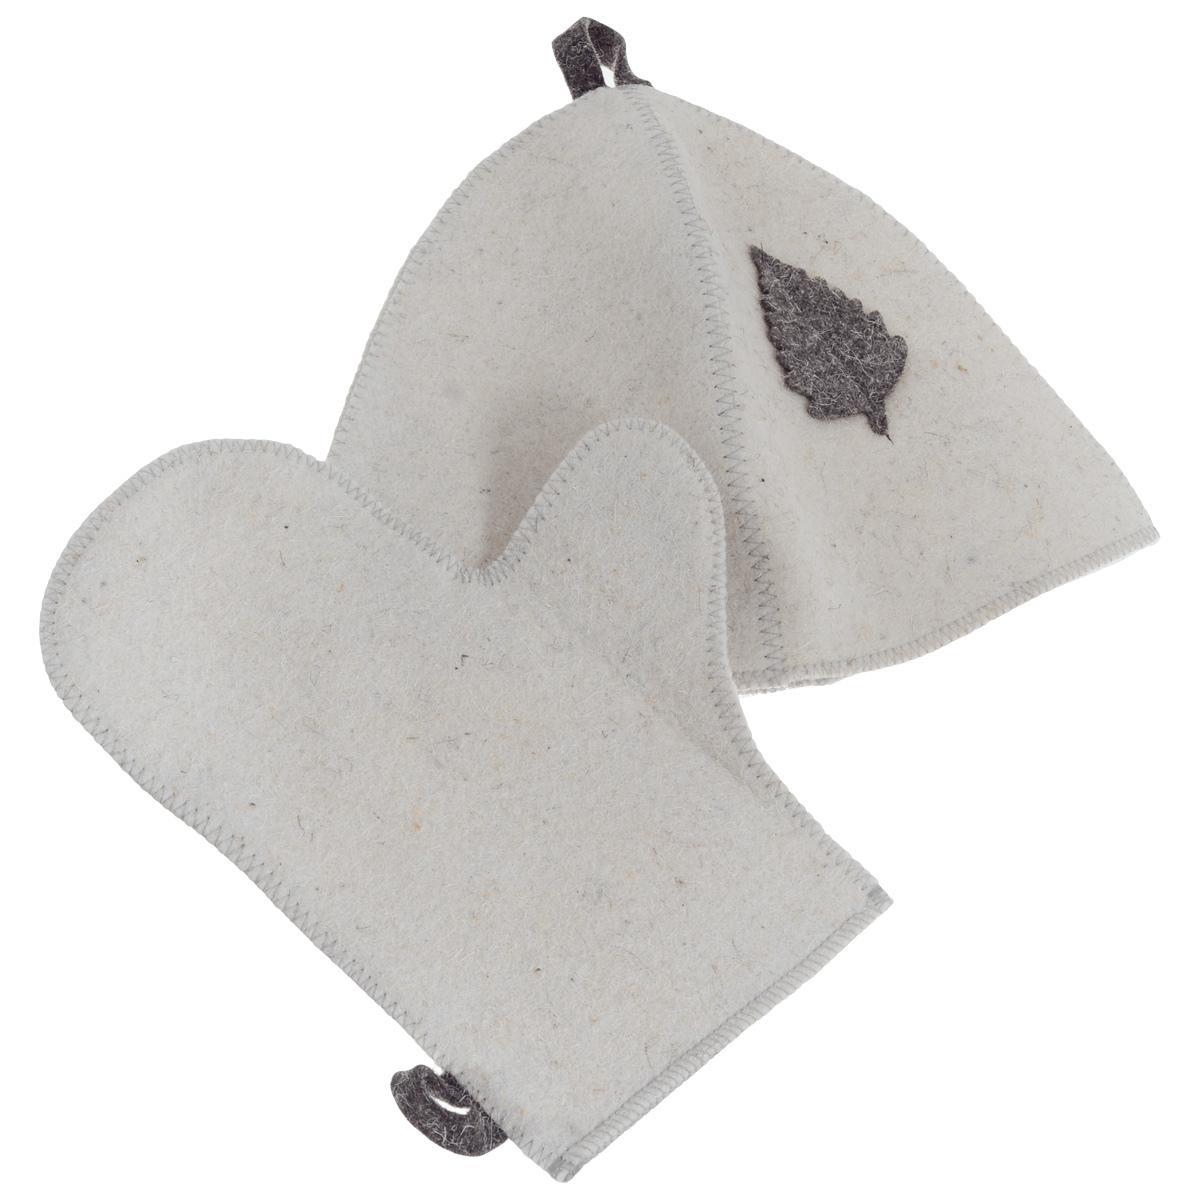 Набор для бани и сауны Главбаня, цвет: белый, серый, 2 предметаБ15_белый/серый листикНабор Главбаня, выполненный из войлока, состоит из шапки и рукавицы. Такой набор станет незаменимым и для любителей попариться в русской бани, и для тех, кто предпочитает сухой жар финской бани. Необычный дизайн изделий поможет сделать ваш отдых более приятным и разнообразным. Комплект станет отличным подарком для любителей отдыха в бане или сауне. Максимальный обхват головы (по основанию шапки): 70 см. Высота шапки: 23 см. Размер рукавицы (ДхШ): 28,5 см х 22,5 см.